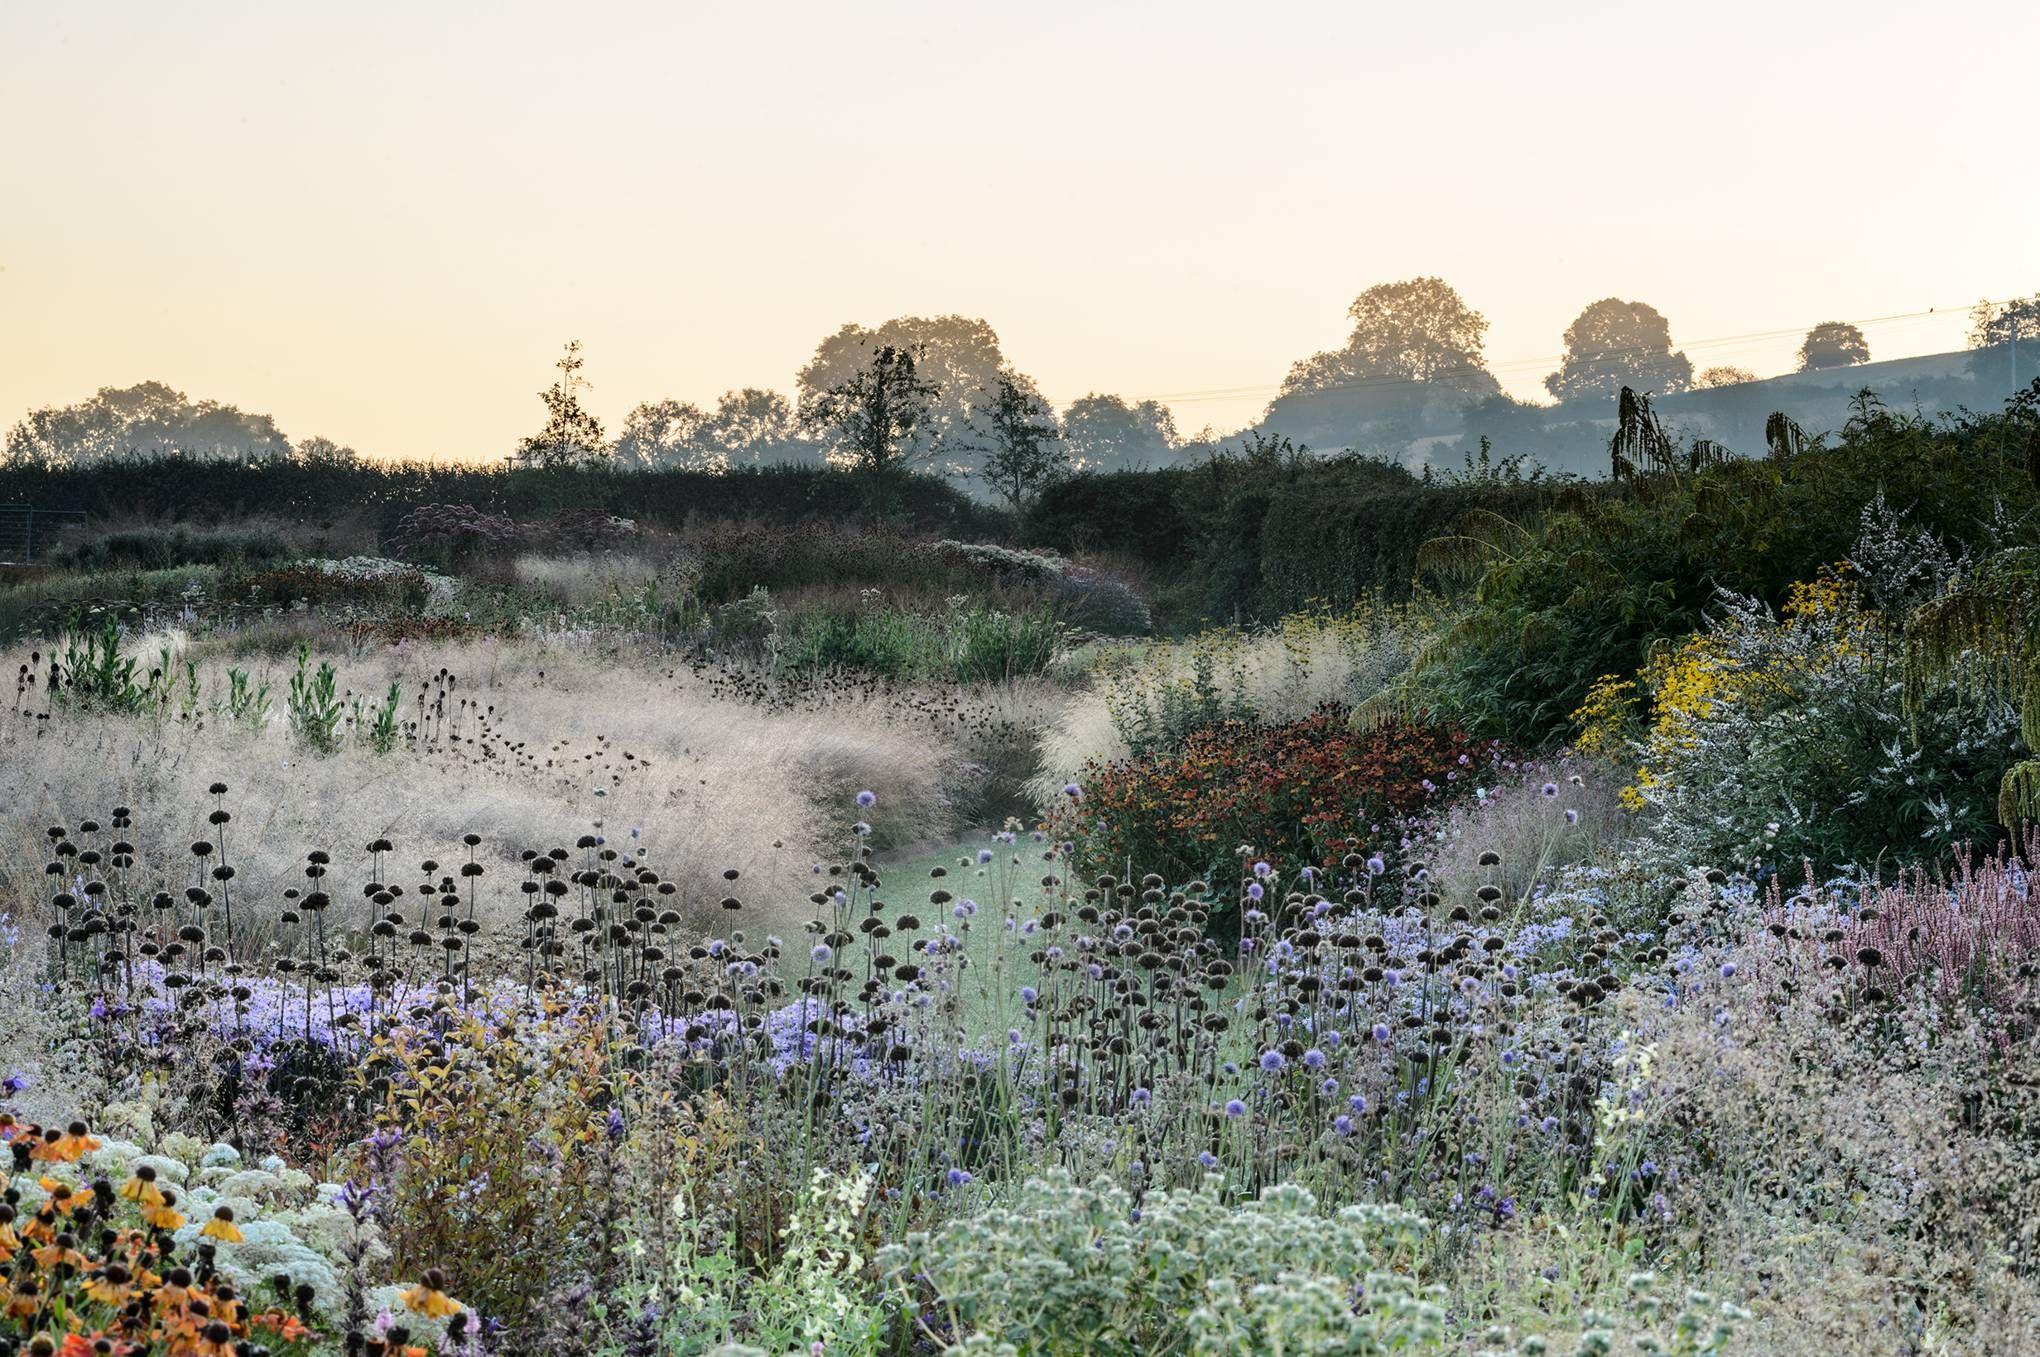 Piet Oudolf S Garden At Hauser Wirth Somerset In 2020 Dutch Gardens Landscape Design Landscape